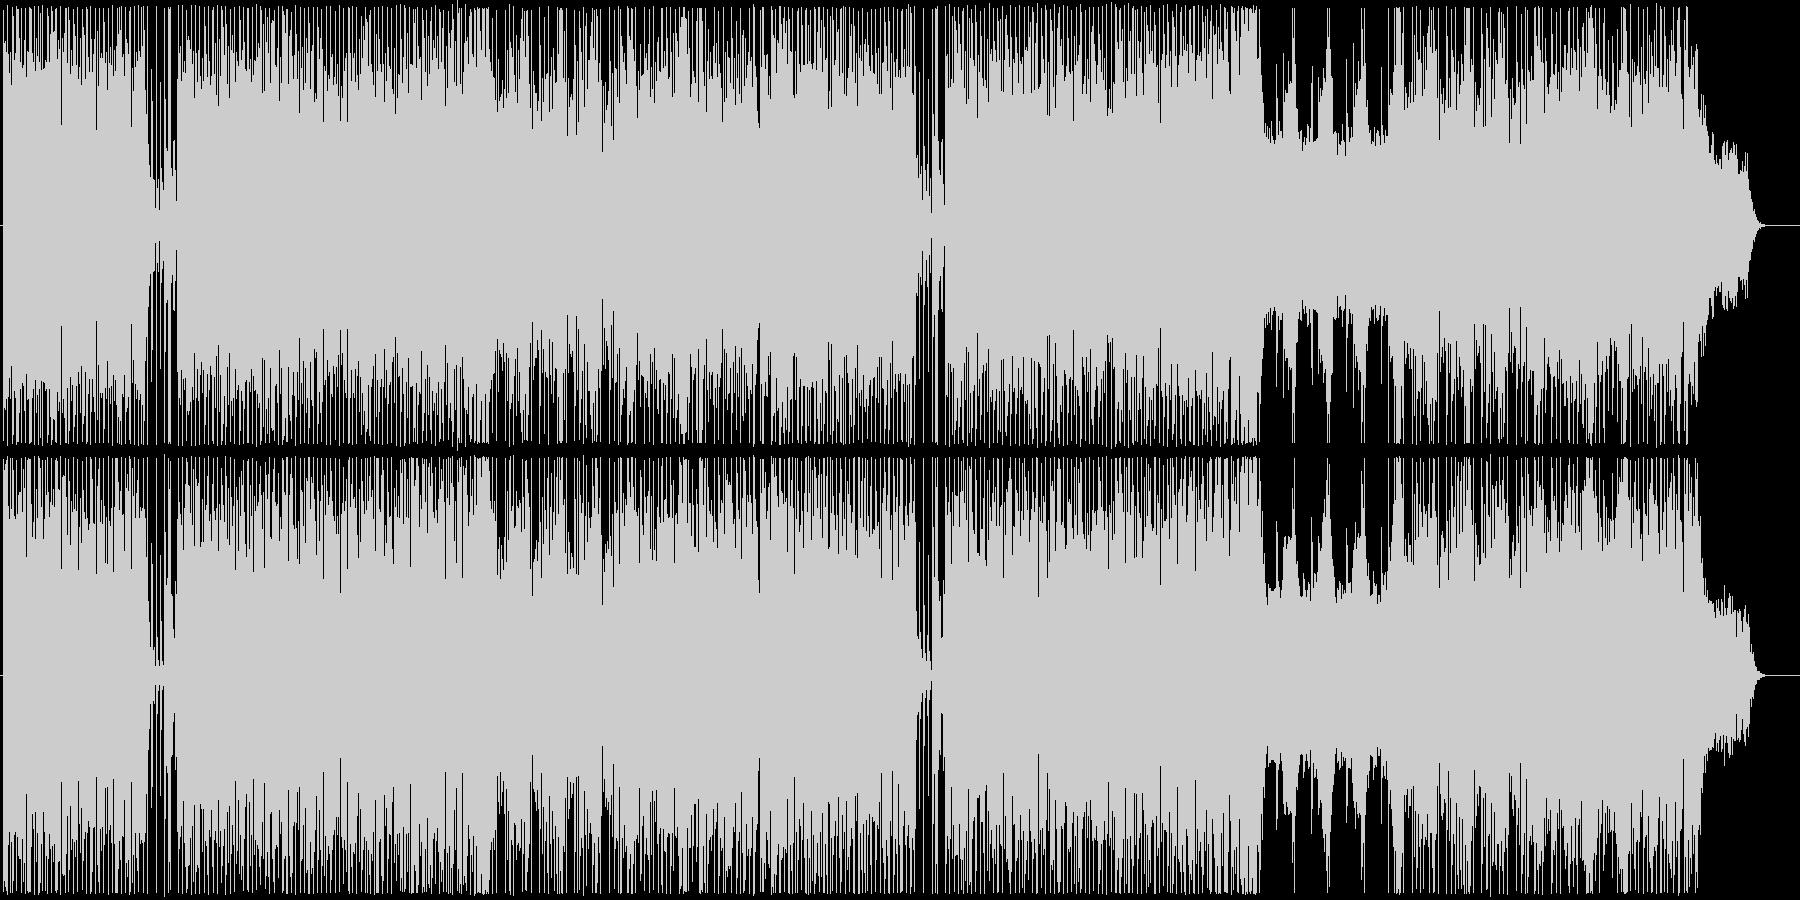 初々しさを感じるインスト曲の未再生の波形